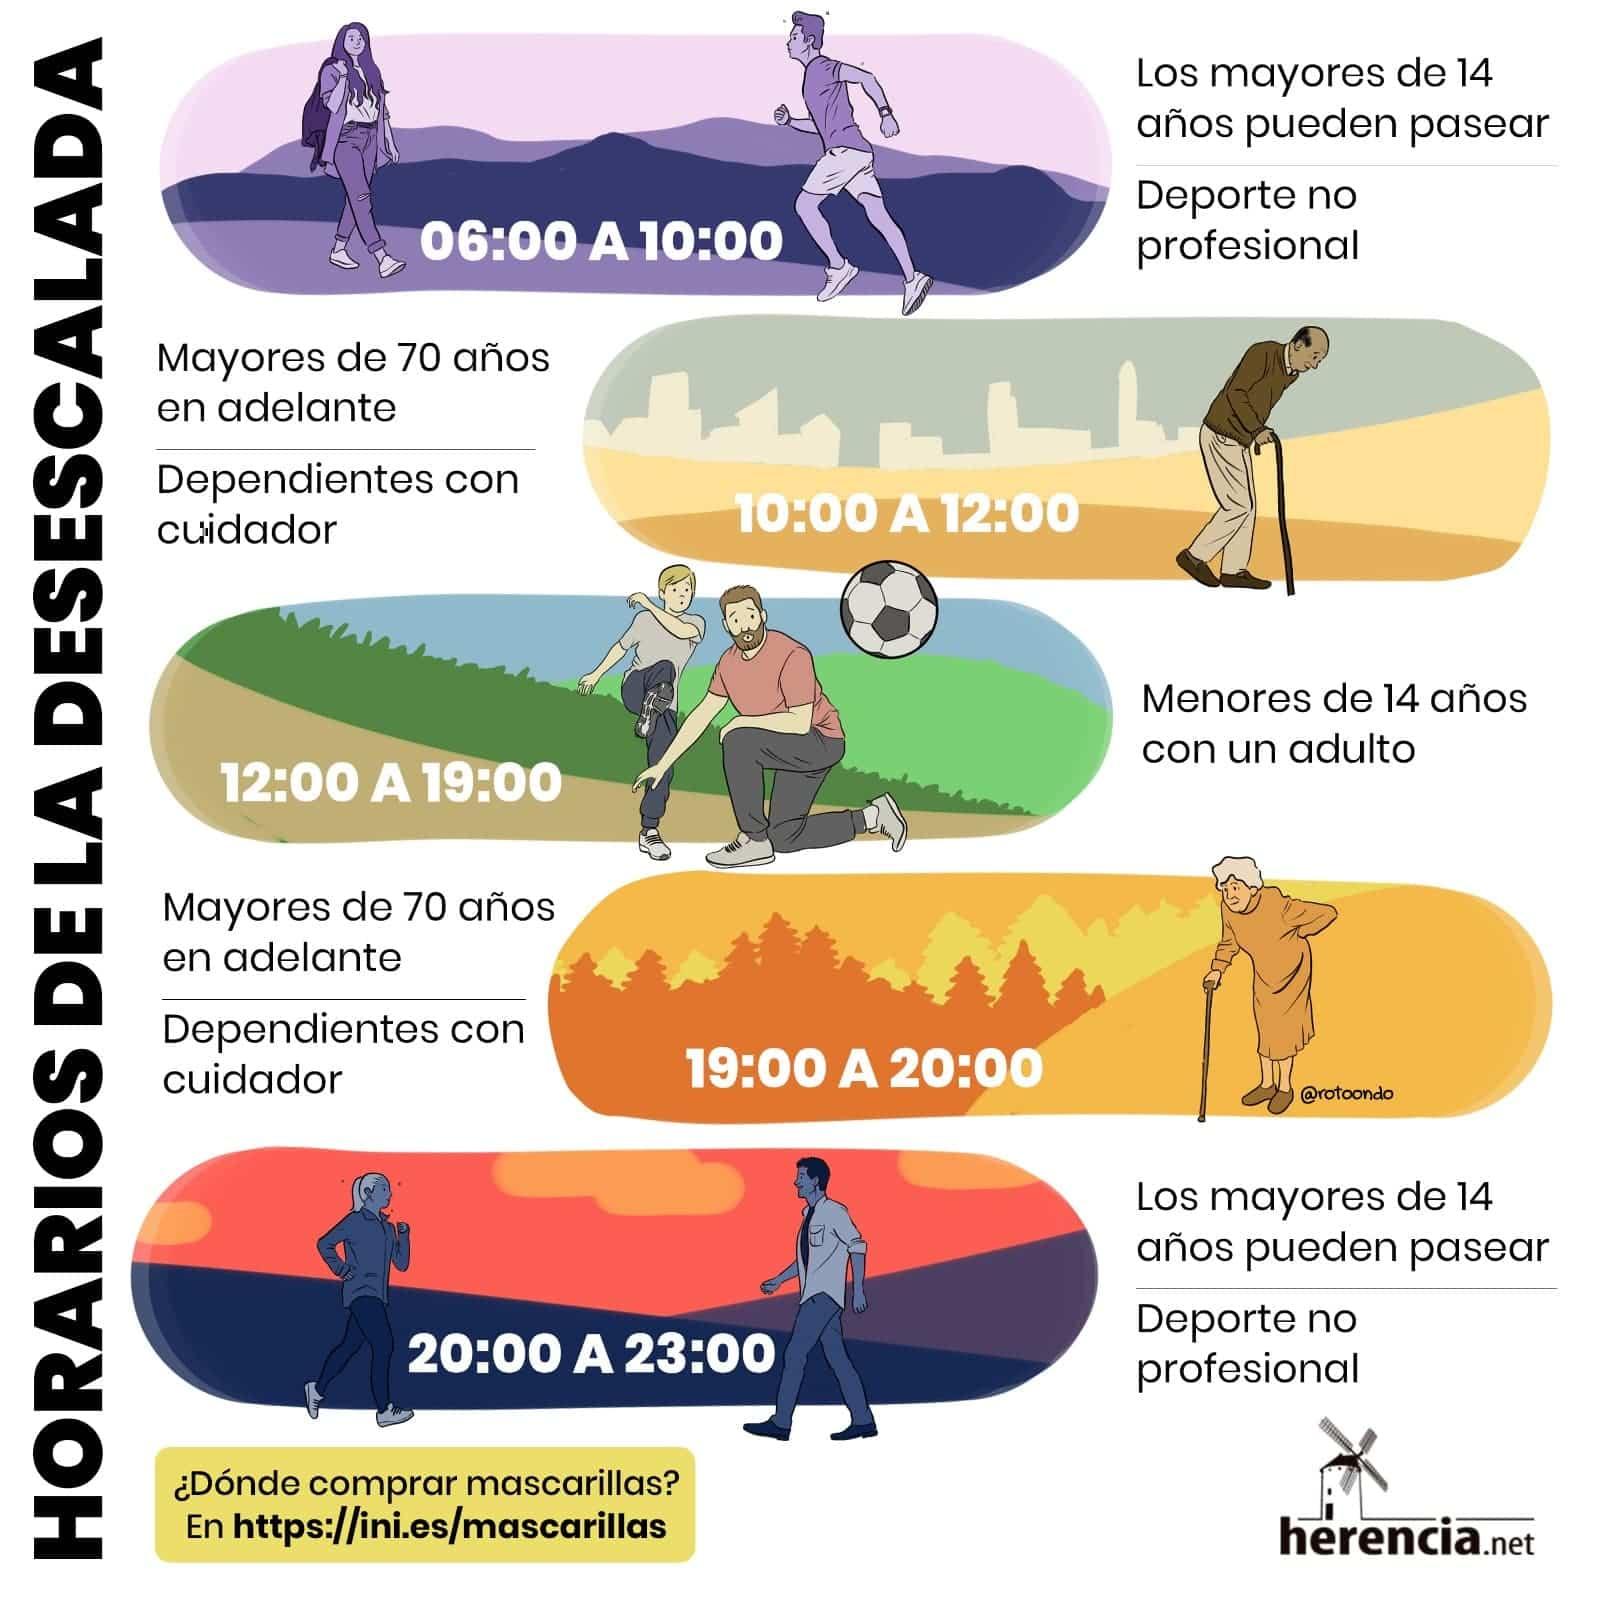 horarios desescalada herencia net - La Policía Local de Herencia informa sobre los horarios de la fase 1